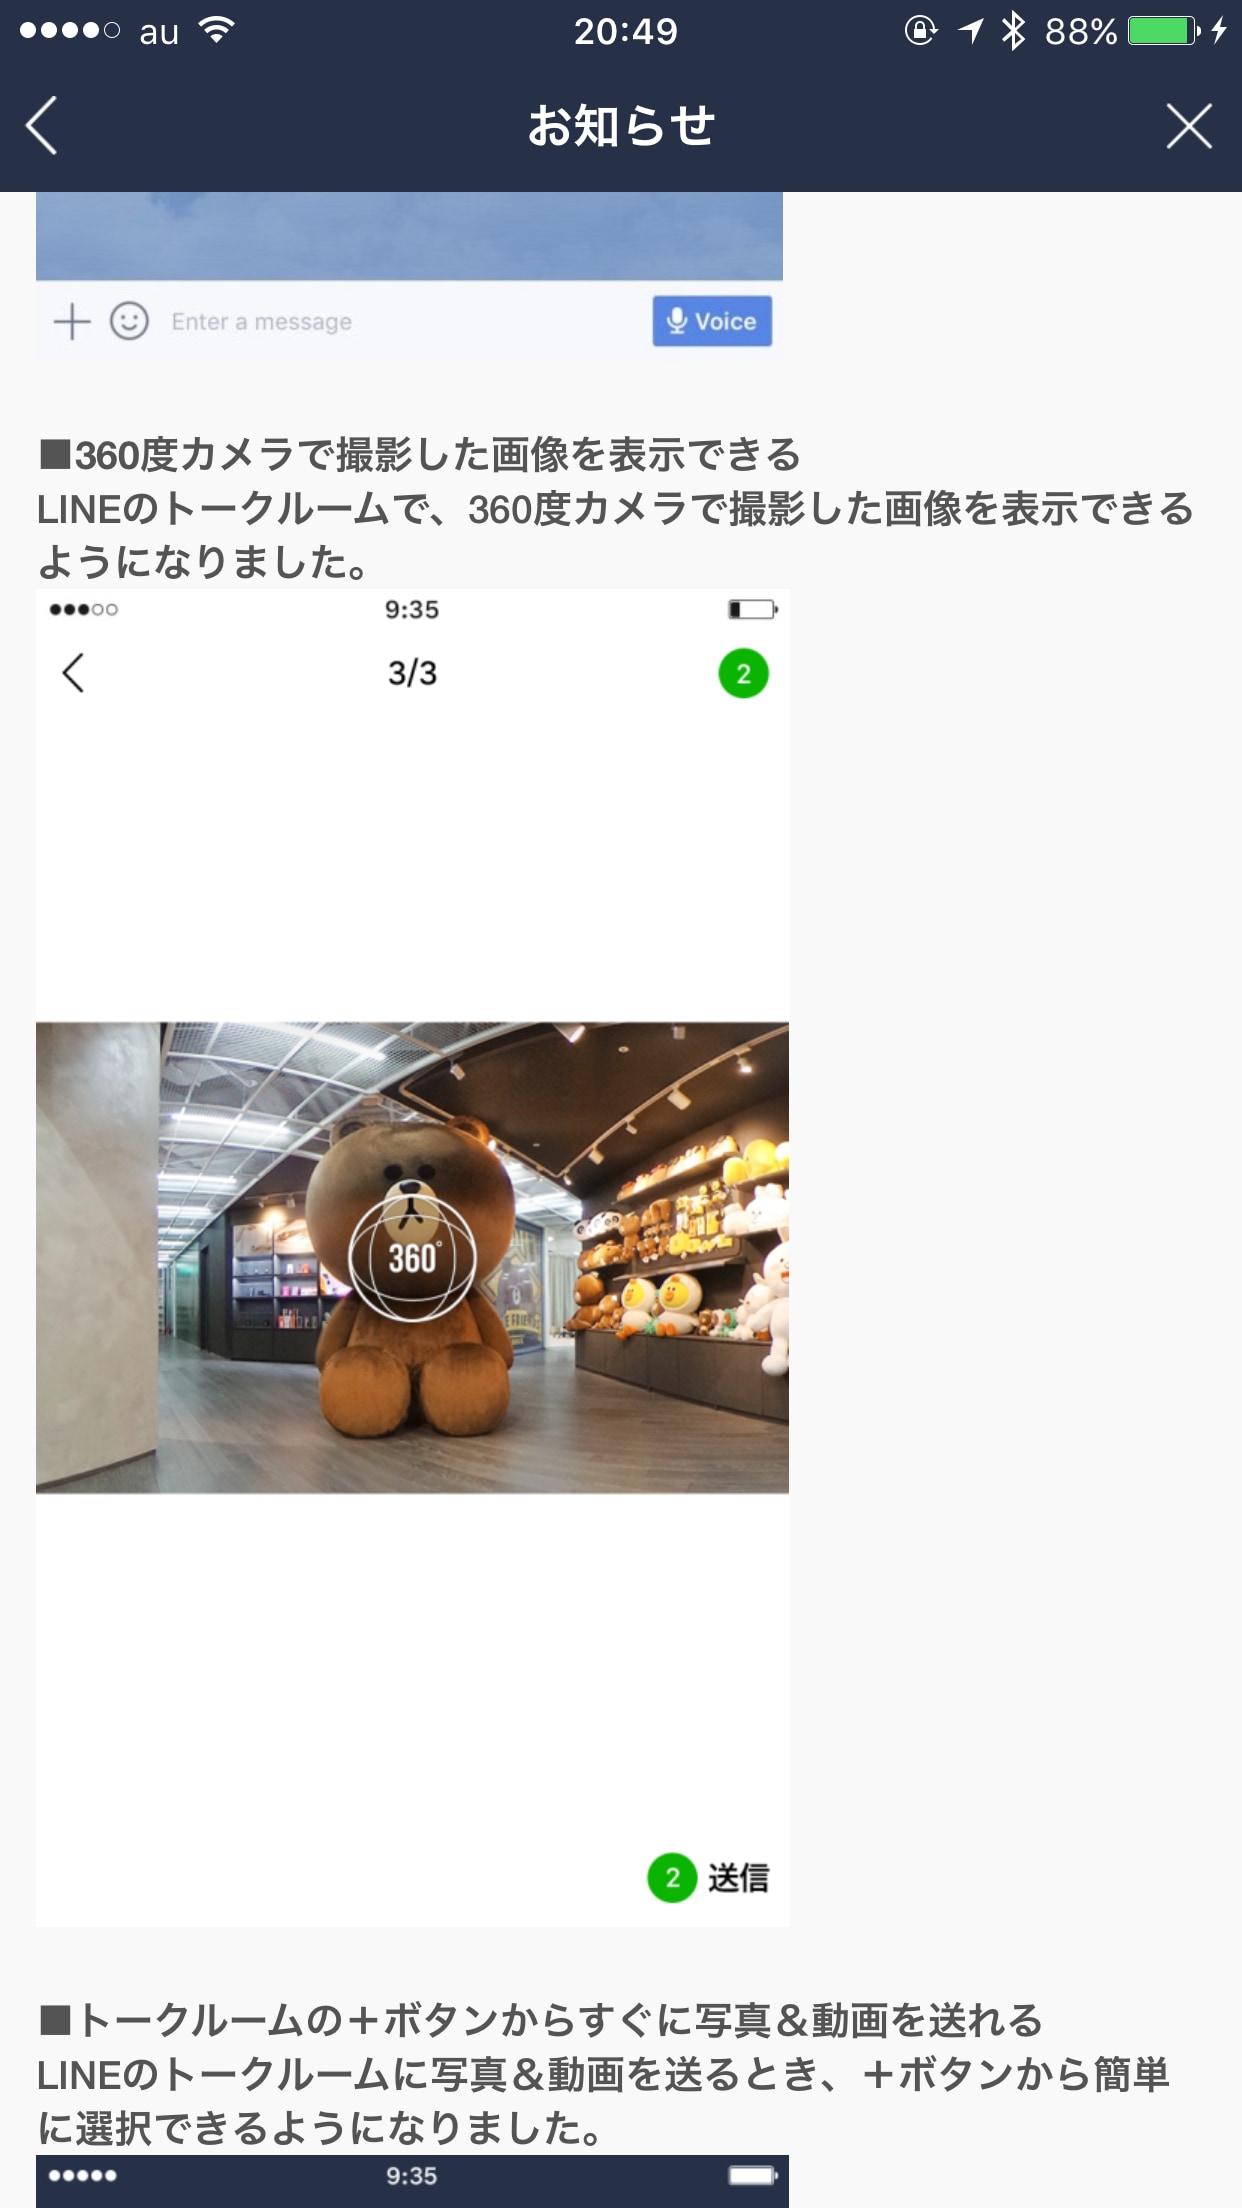 ついにLINEも360画像に対応!ますます加速するVR時代